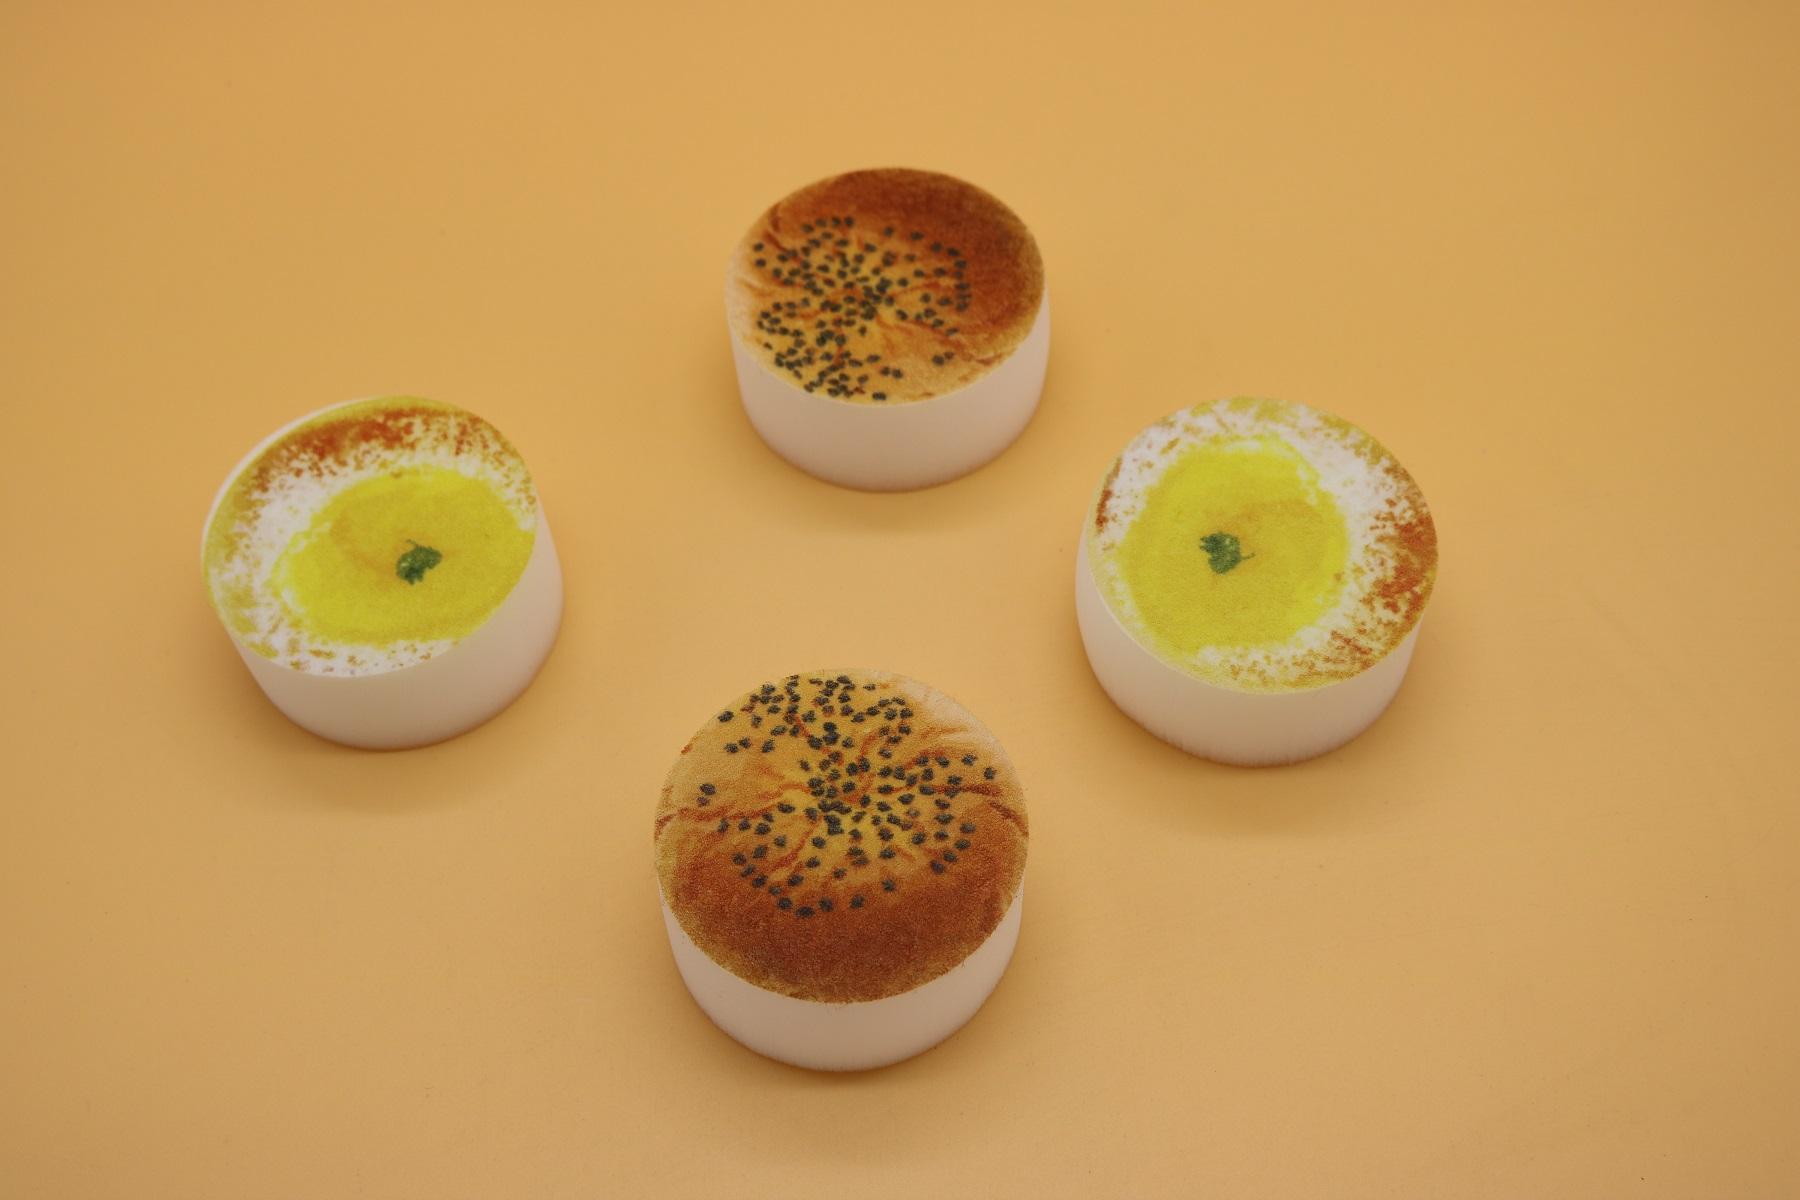 fruit cleaning eraser sponge 1